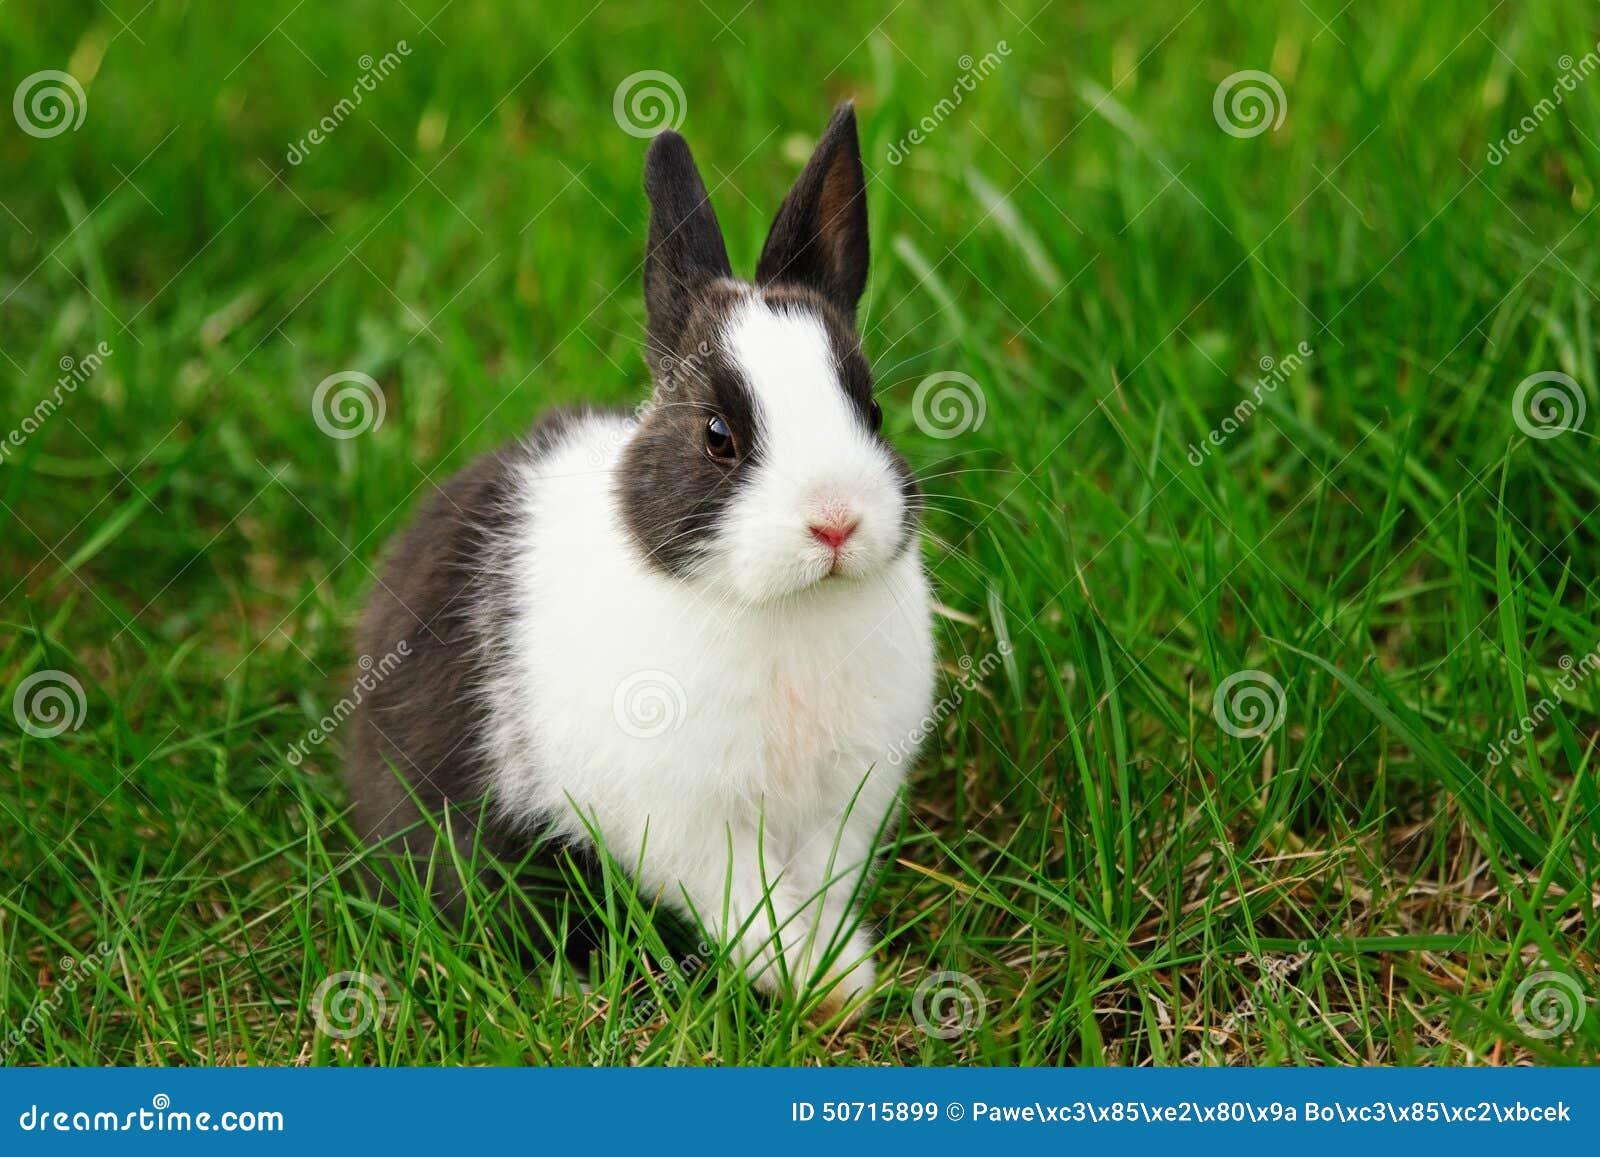 猫咪鹦鹉猫壁纸兔子小猫桌面1300_957变成动物图片